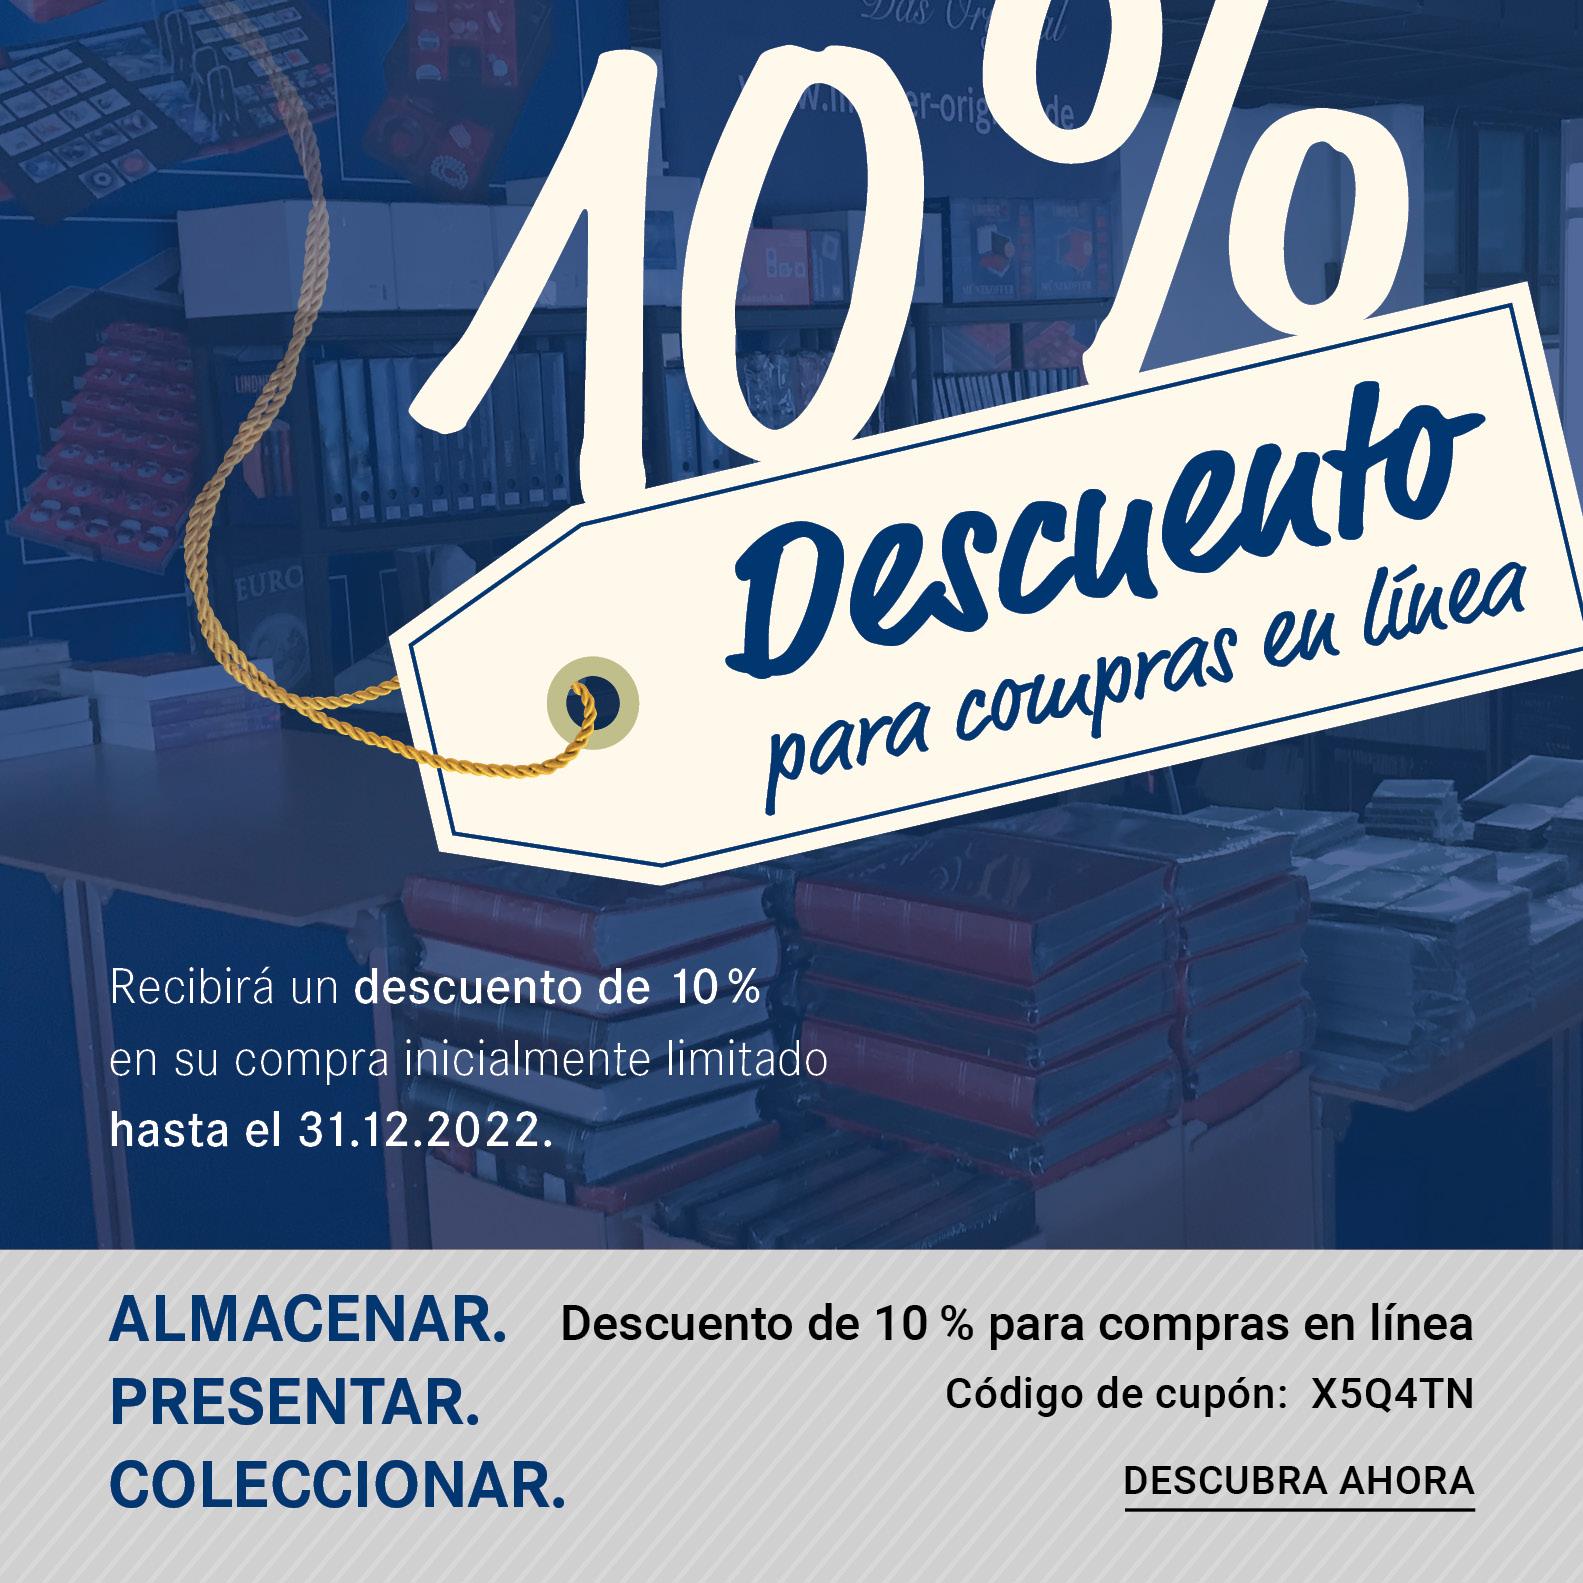 10% Descuento para compras en línea